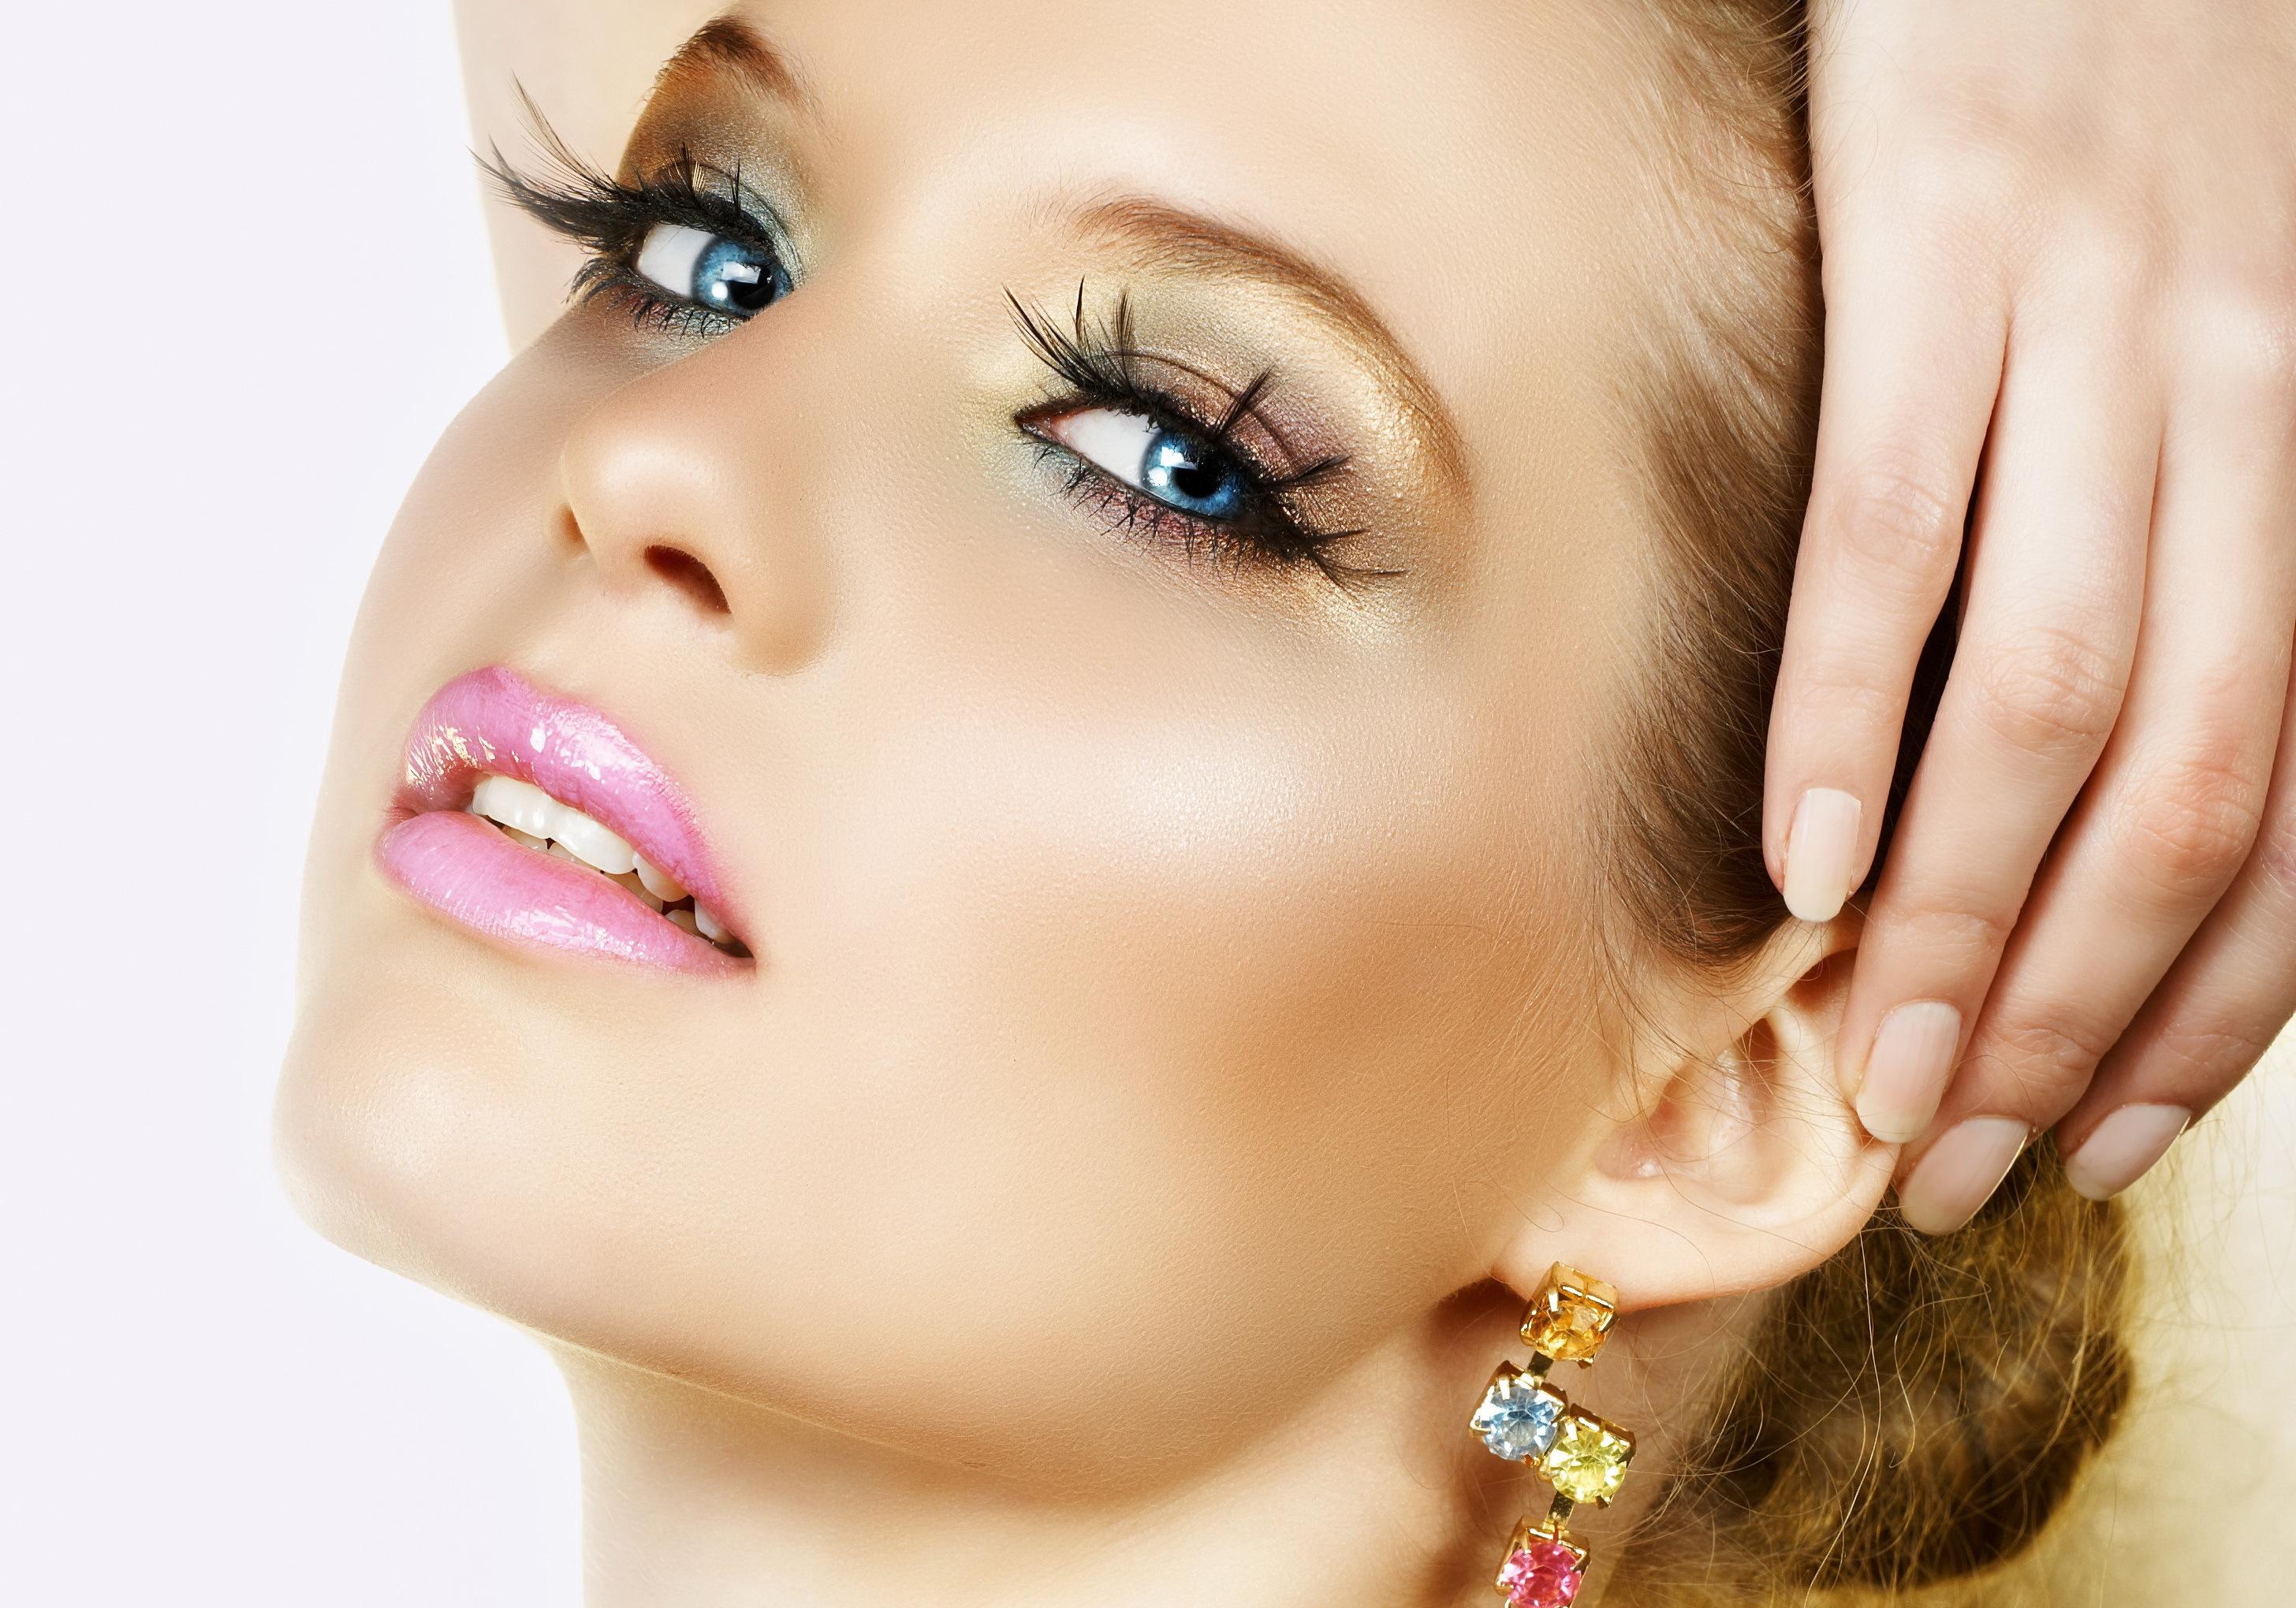 девушка глаза сережки  № 1816991 бесплатно